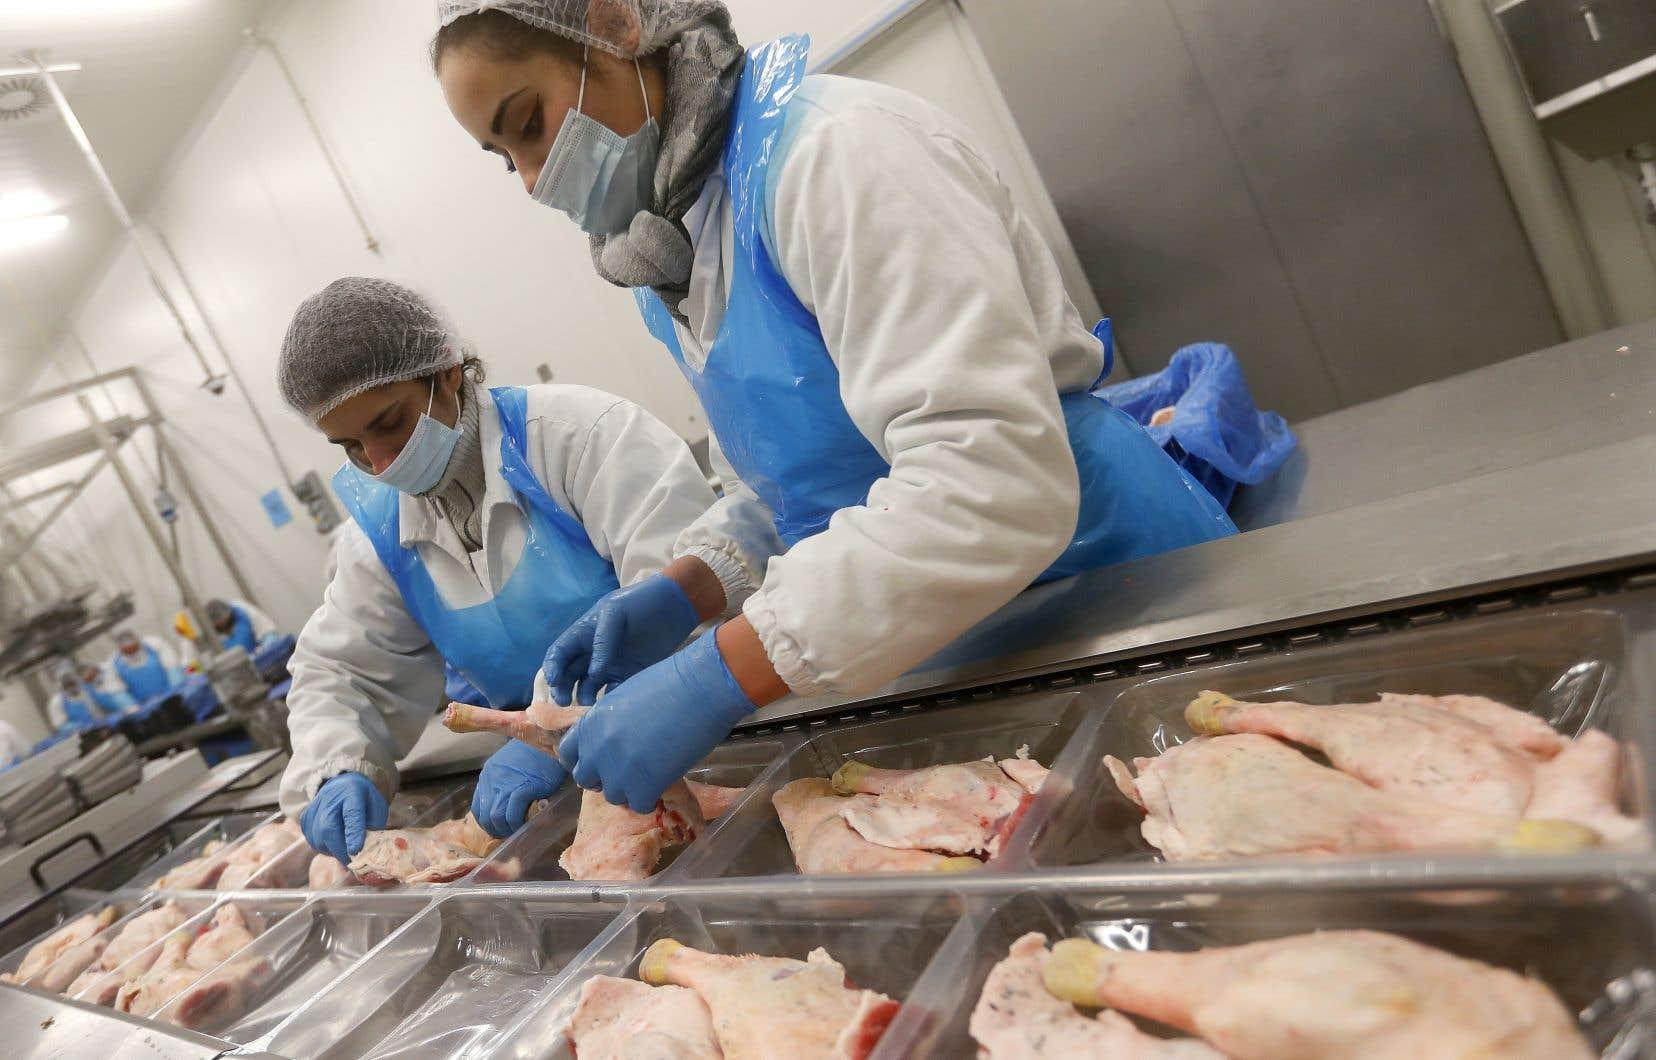 L'industrie de l'abattage et de la transformation d'animaux a été terrassée par des éclosions de COVID-19 au début de la pandémie.